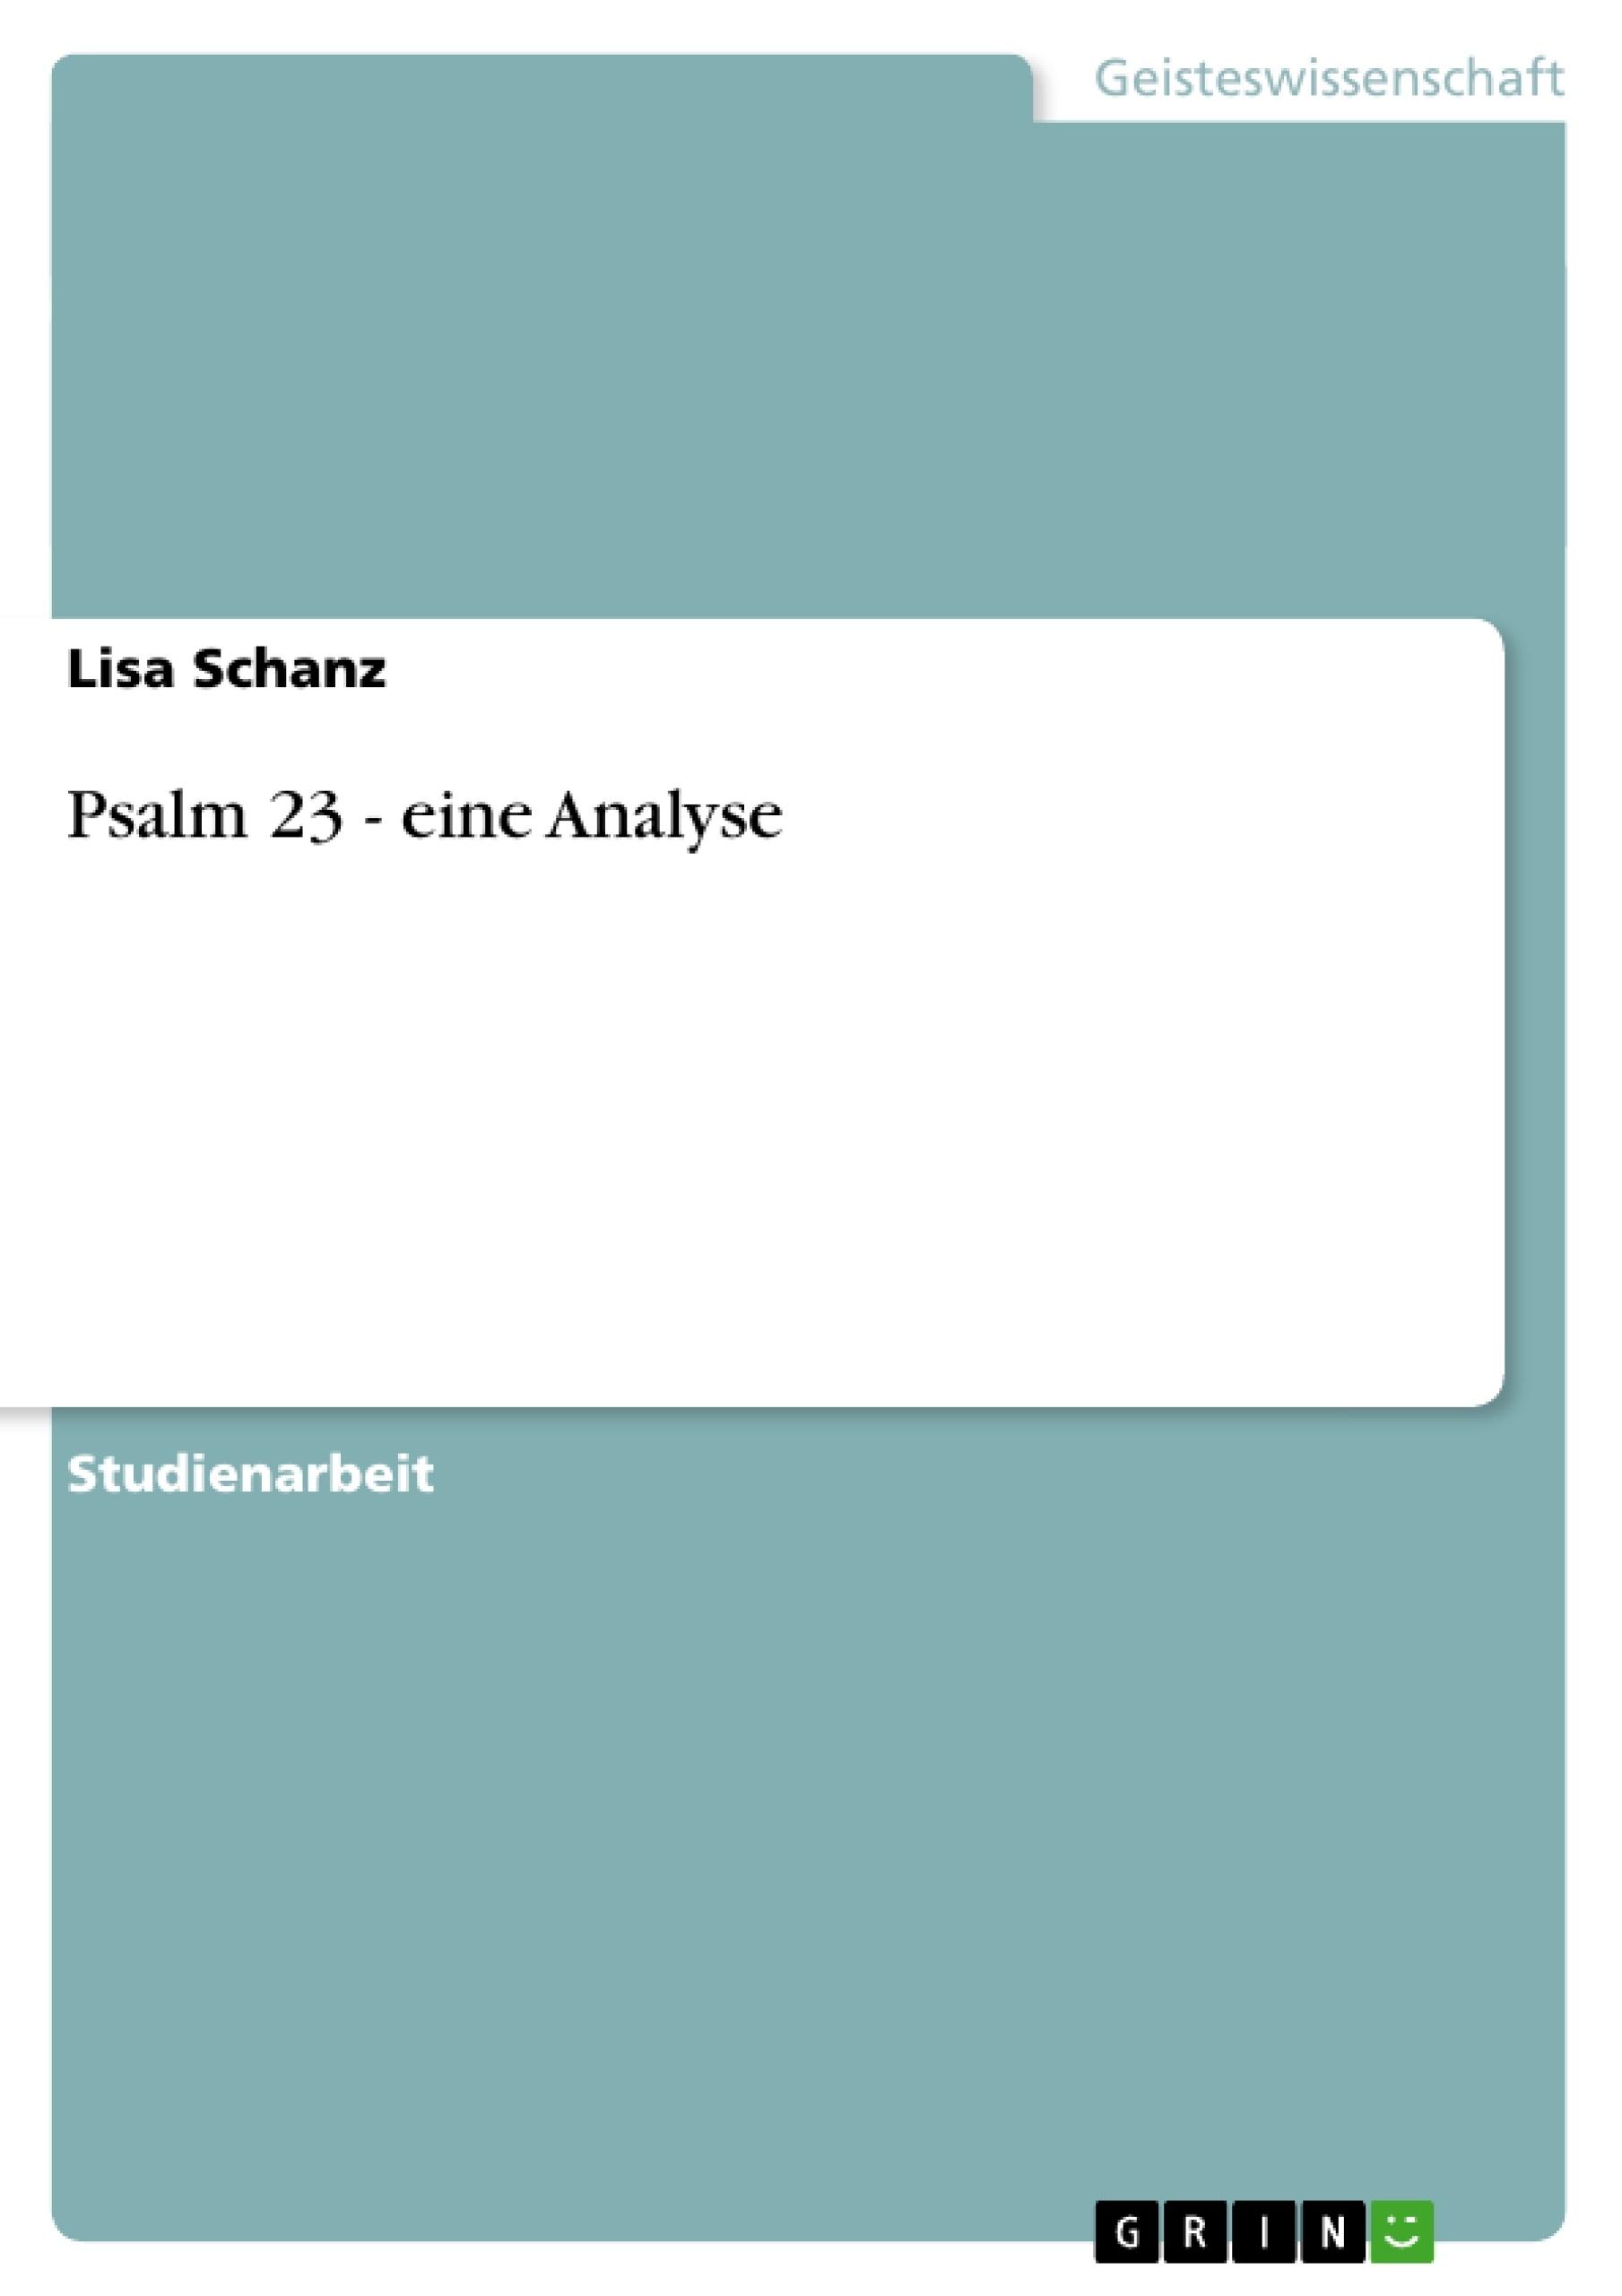 Titel: Psalm 23 - eine Analyse